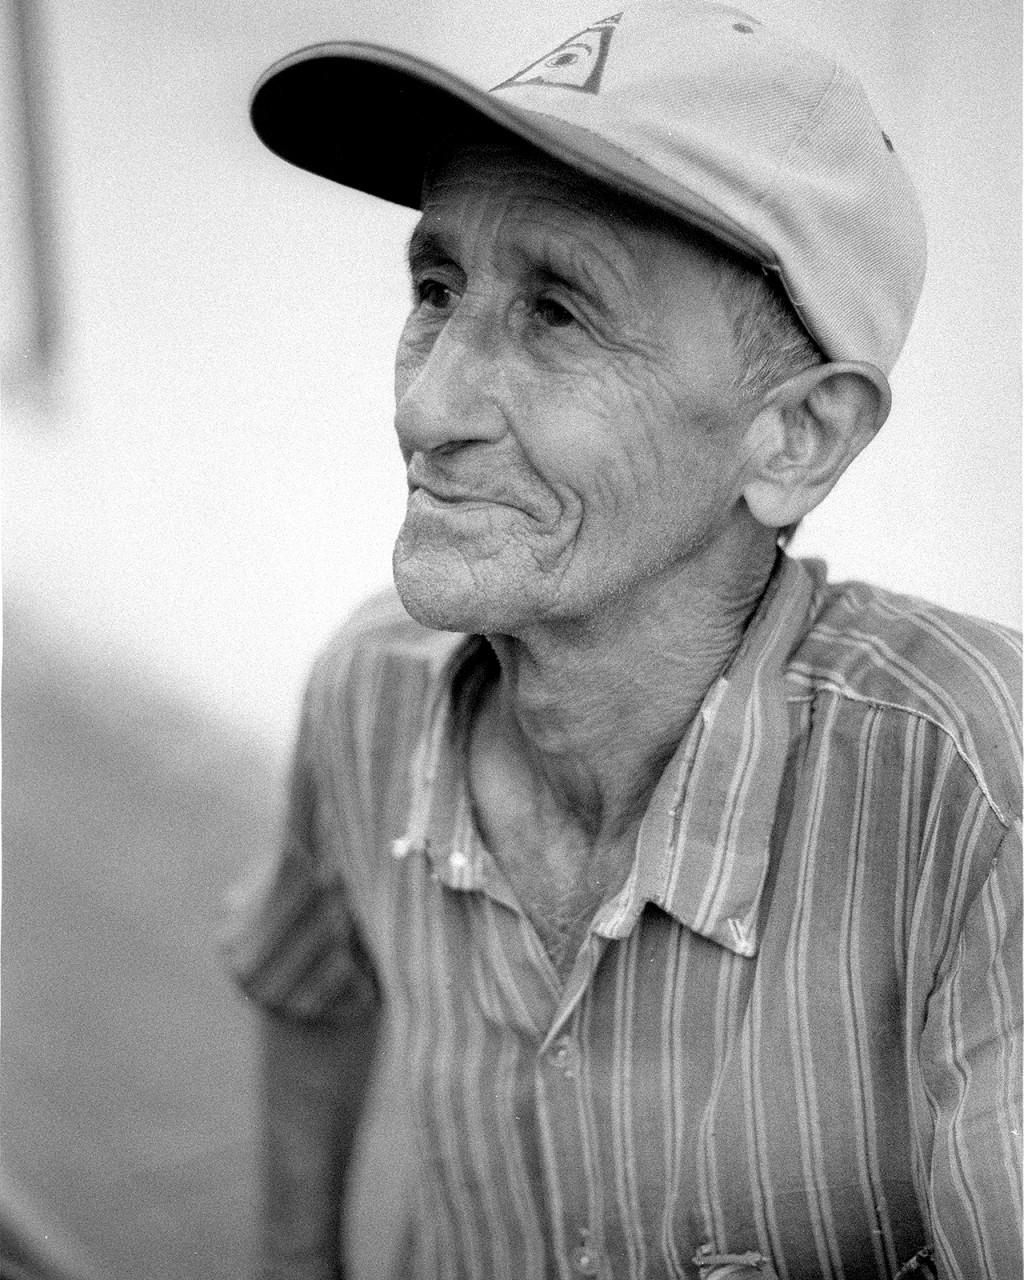 Henrique Pellicier Hernández, 62 anos, empurra o seu carro de mão pelas ruas de Baracoa vendendo mamé cobrado a 10 pesos cada um (€0,30). Já o faz há mais de 20 anos e aluga carro para comprar mil de cada vez.